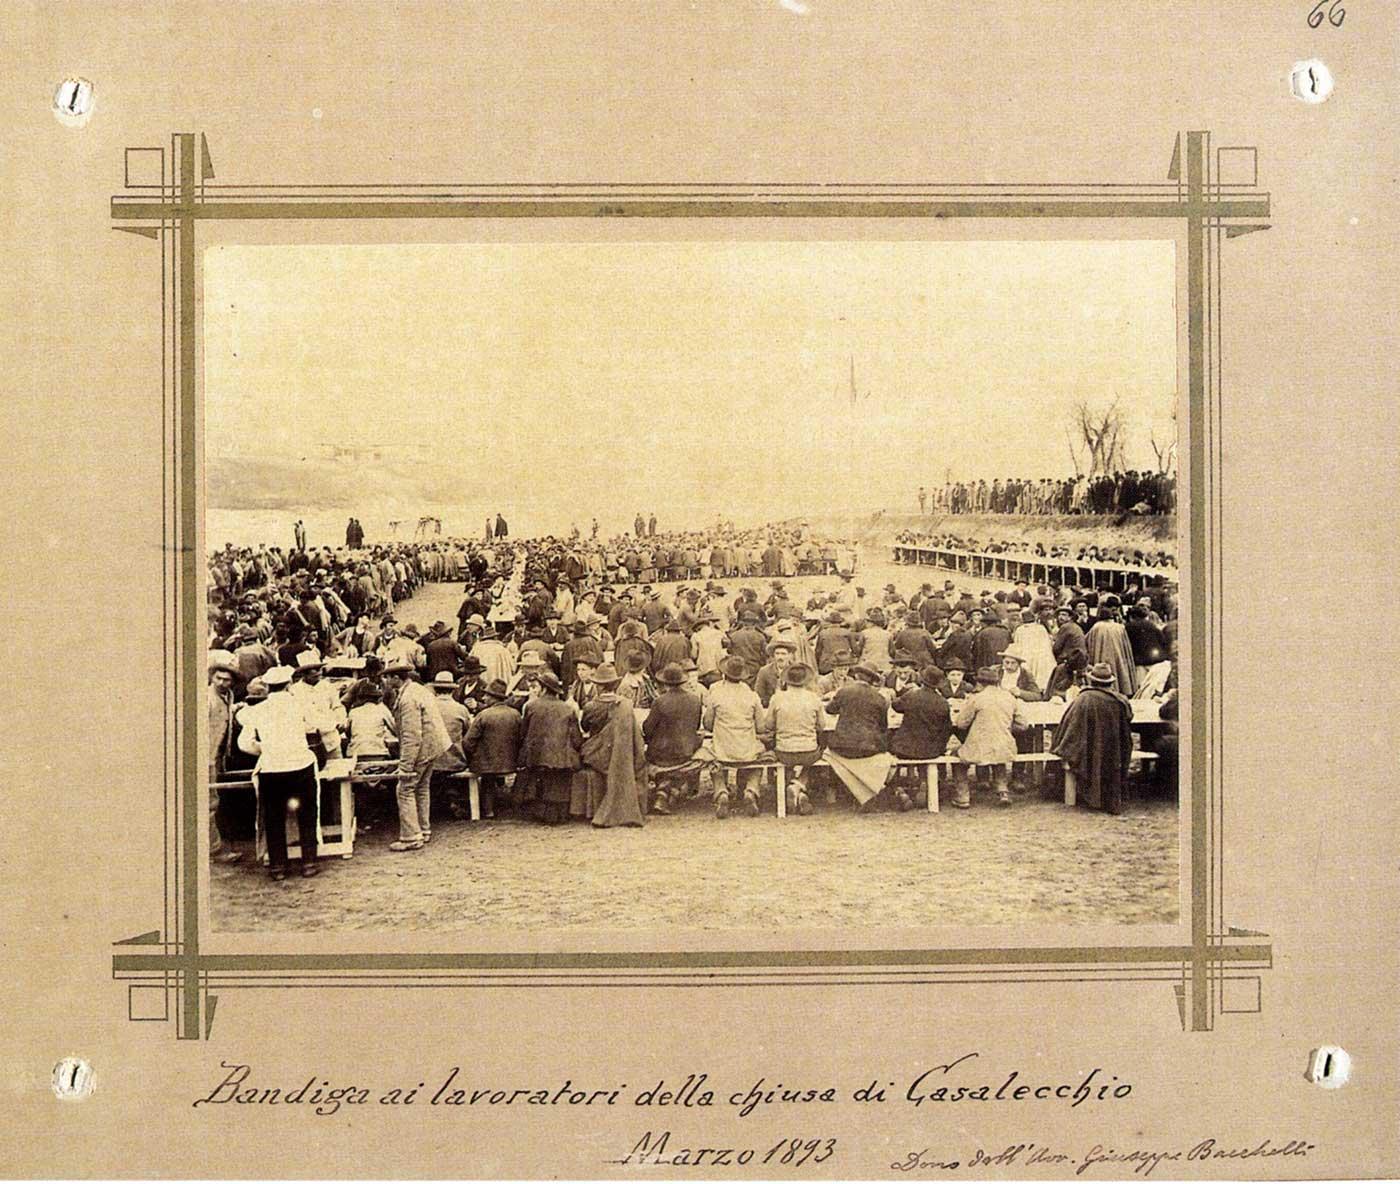 La Bandiga, il pranzo (Foto Alessandro Cassarini in Fondo Belluzzi presso il Museo del Risorgimento di Bologna)